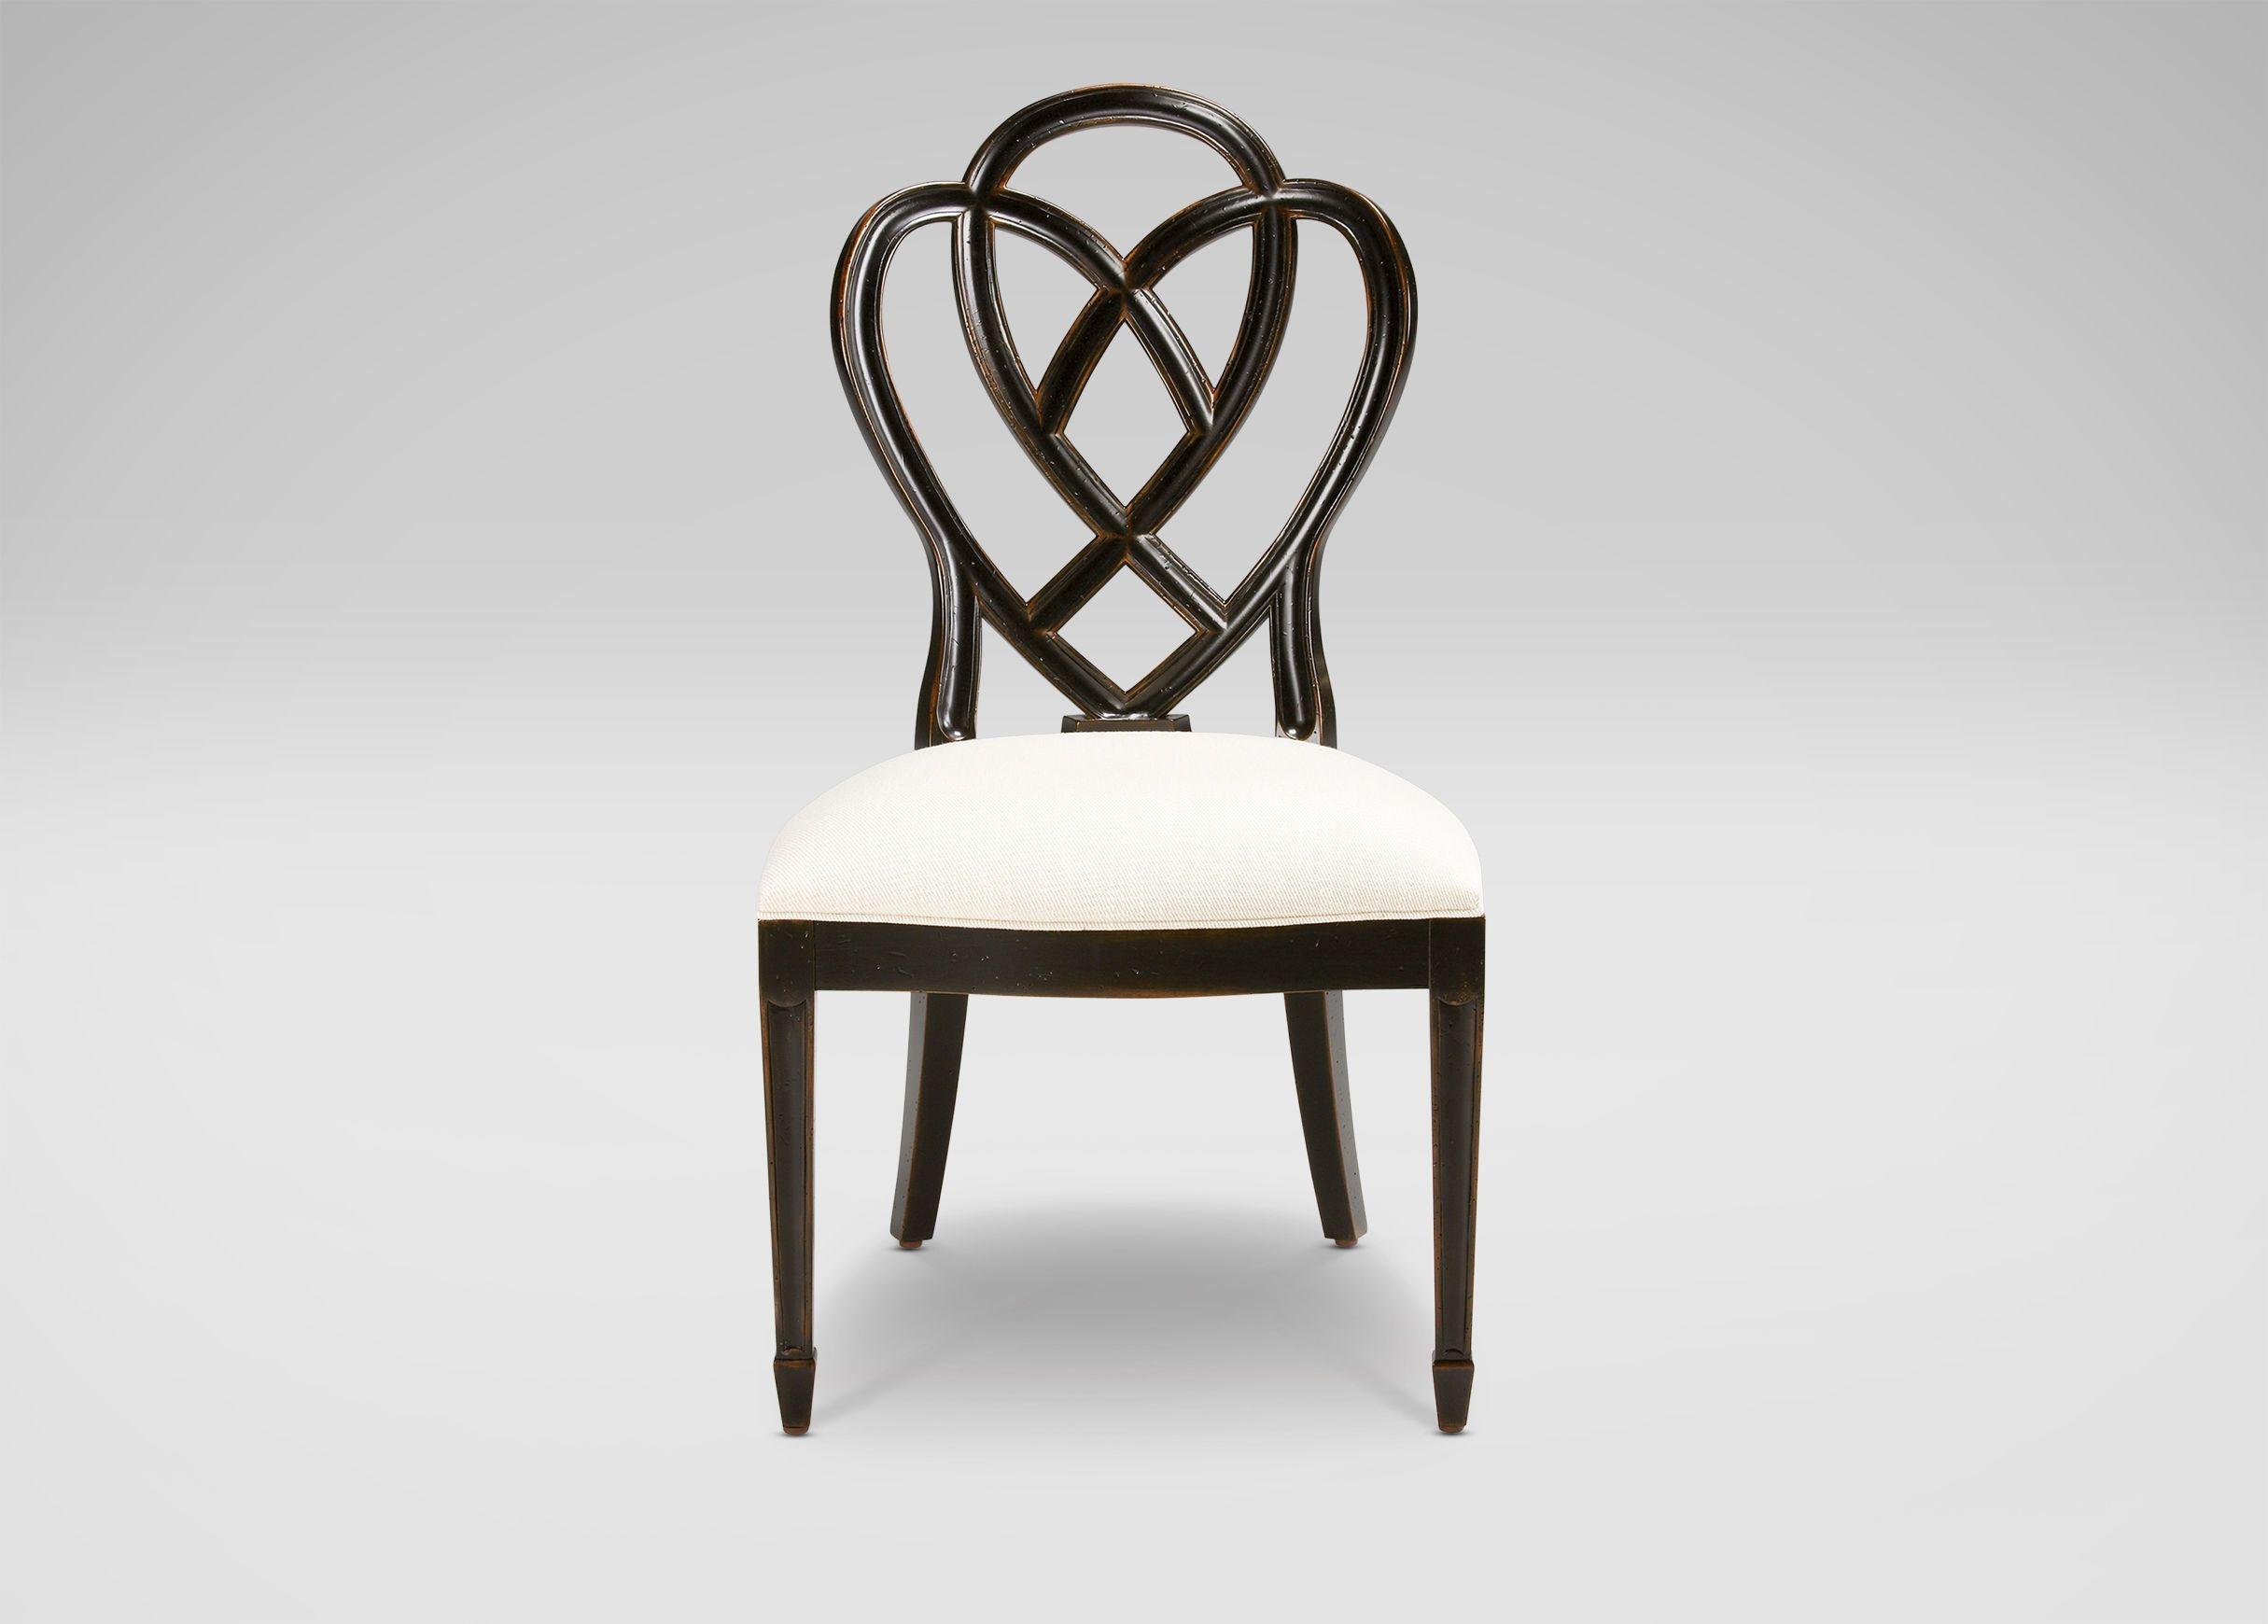 Charmant Hepplewhite Chairs